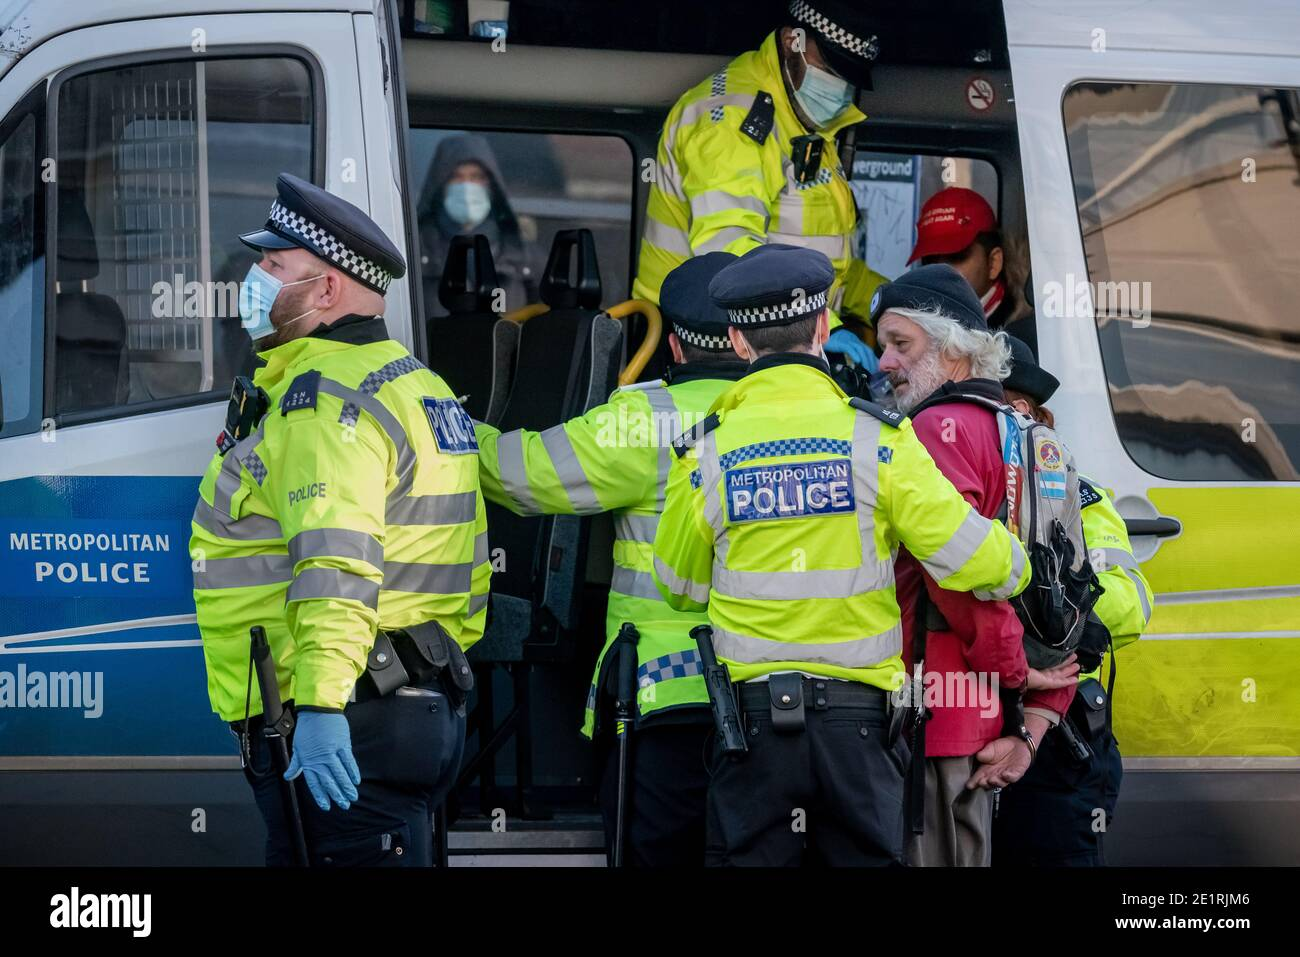 Londres, Royaume-Uni. 9 janvier 2021. Coronavirus : des arrestations sont effectuées lors d'une tentative de rassemblement anti-verrouillage à Clapham Common contre les restrictions actuelles du gouvernement, y compris les prises de distance publiques et les rassemblements de grande envergure. Les partisans de la conspiration rejettent les vaccins et prétendent que la pandémie de COVID-19 est un canular. Credit: Guy Corbishley/Alamy Live News Banque D'Images